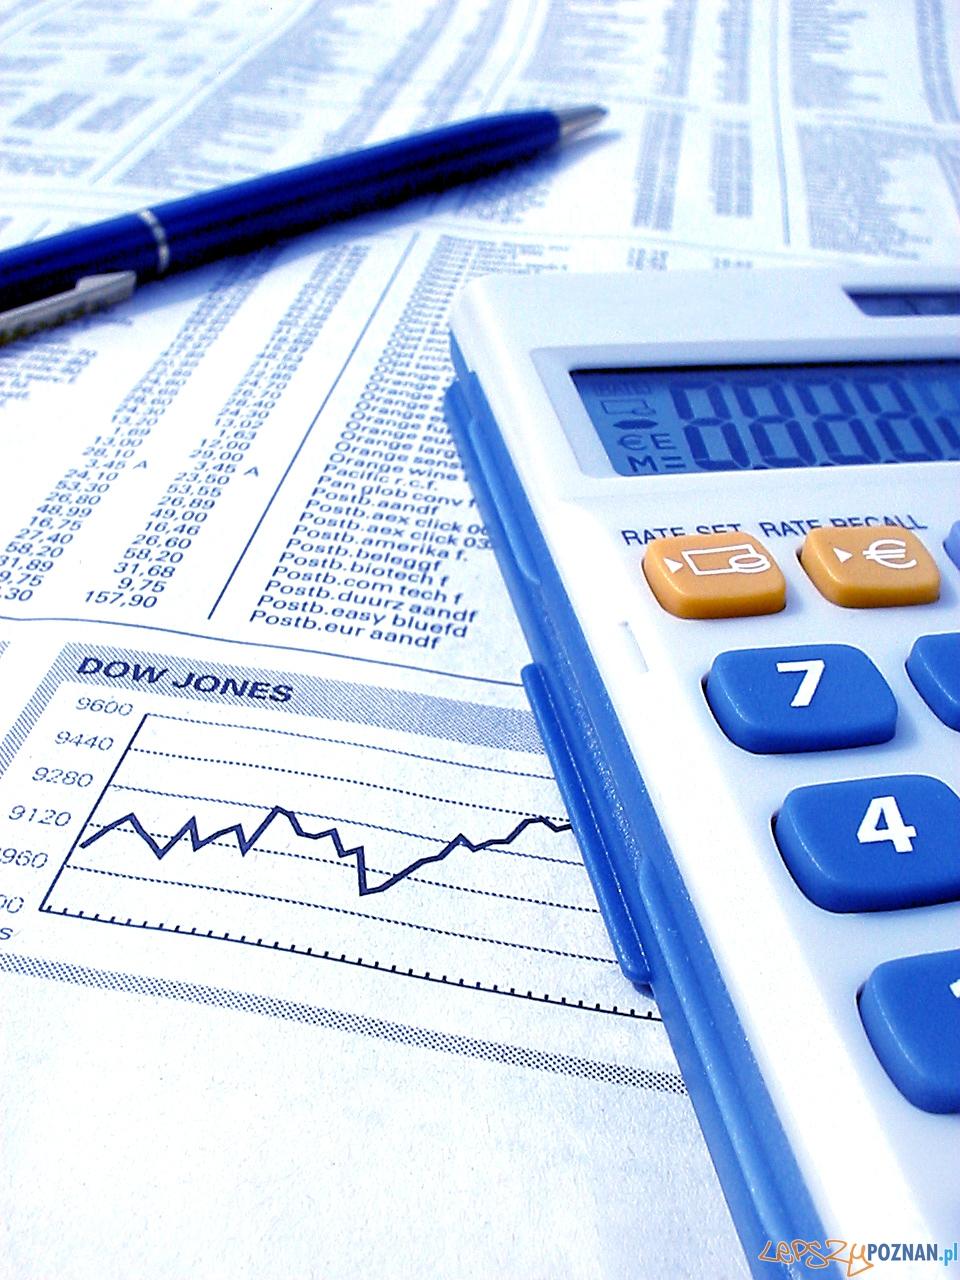 Подарки покупателям учет и налогообложения